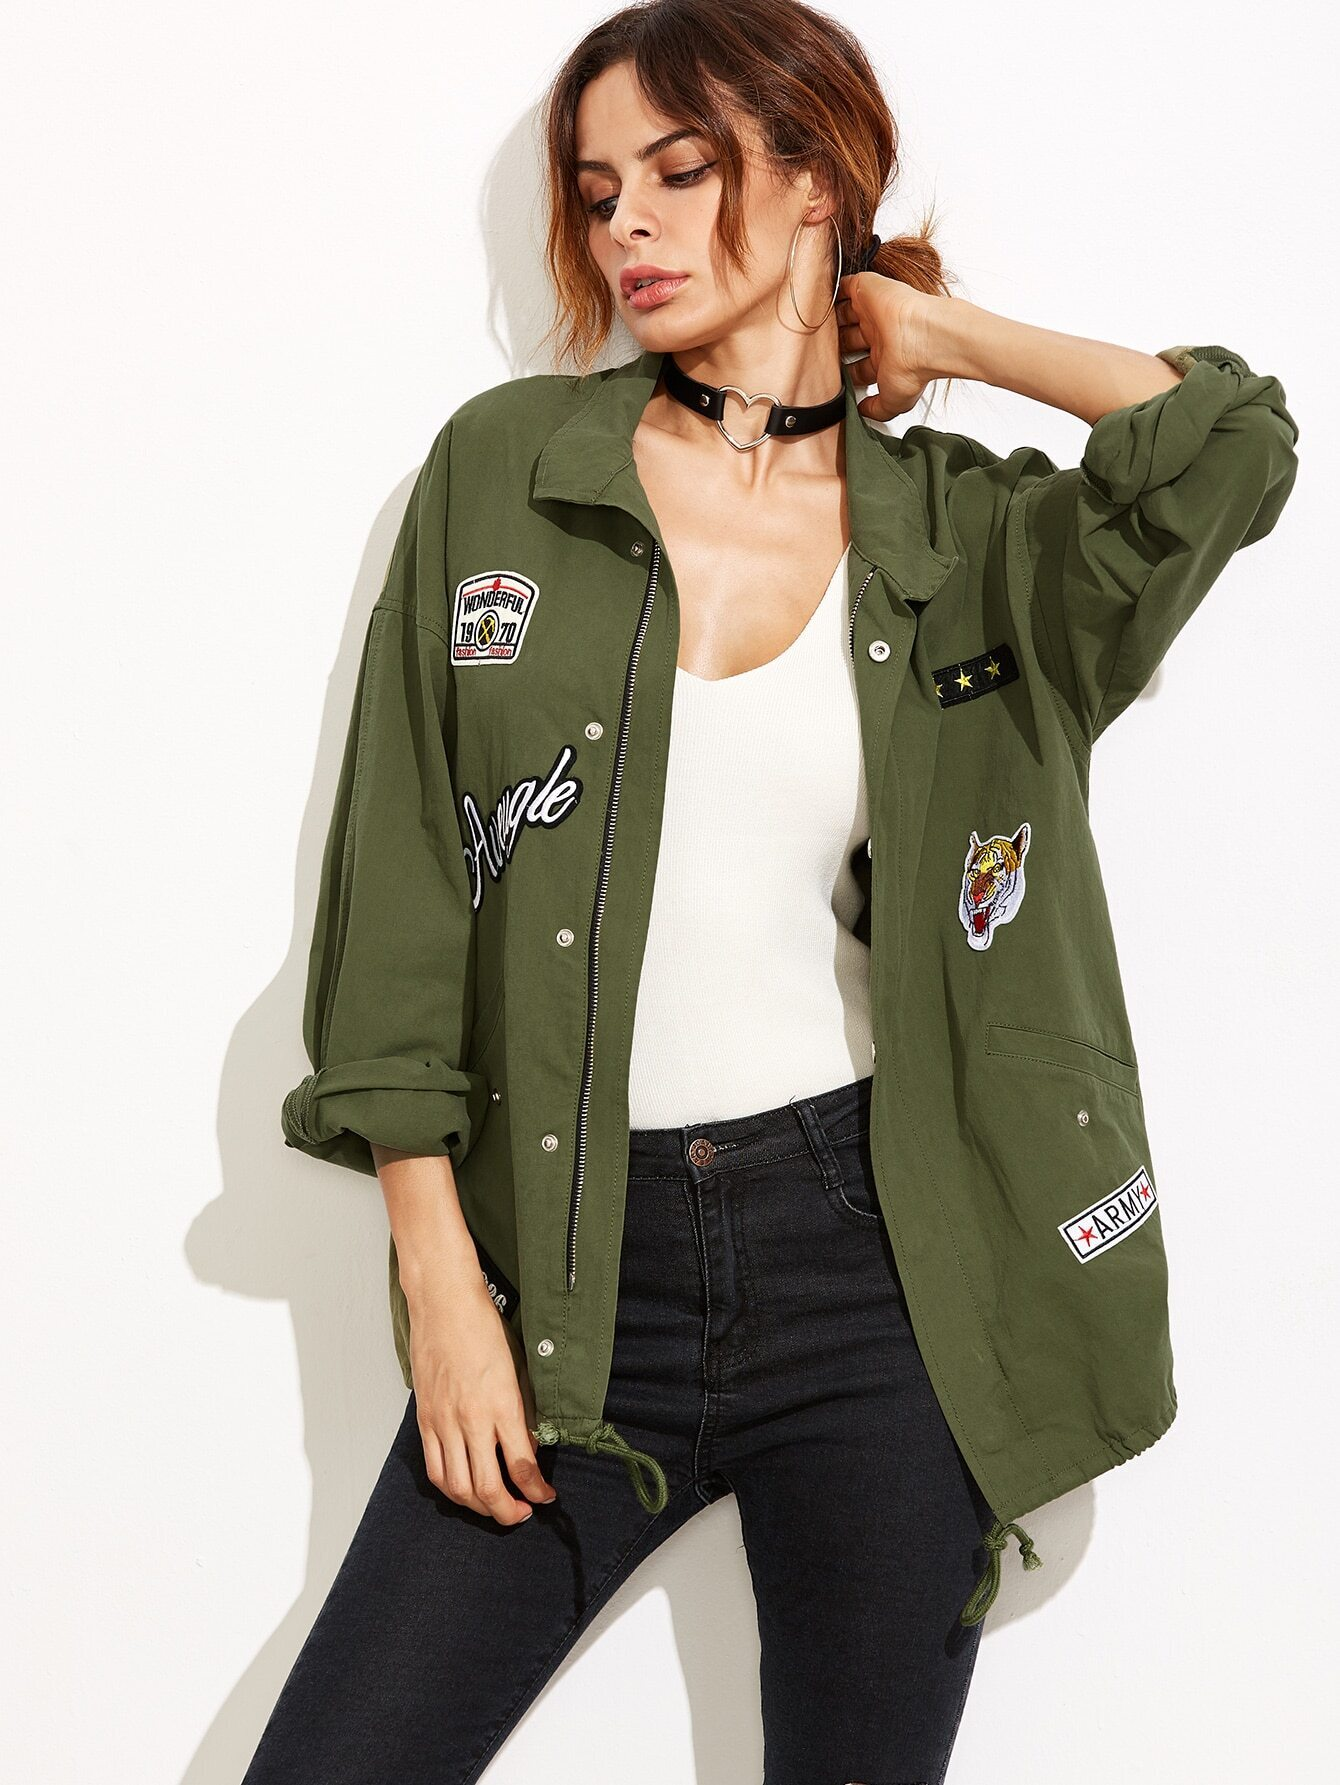 Khaki green ladies parka